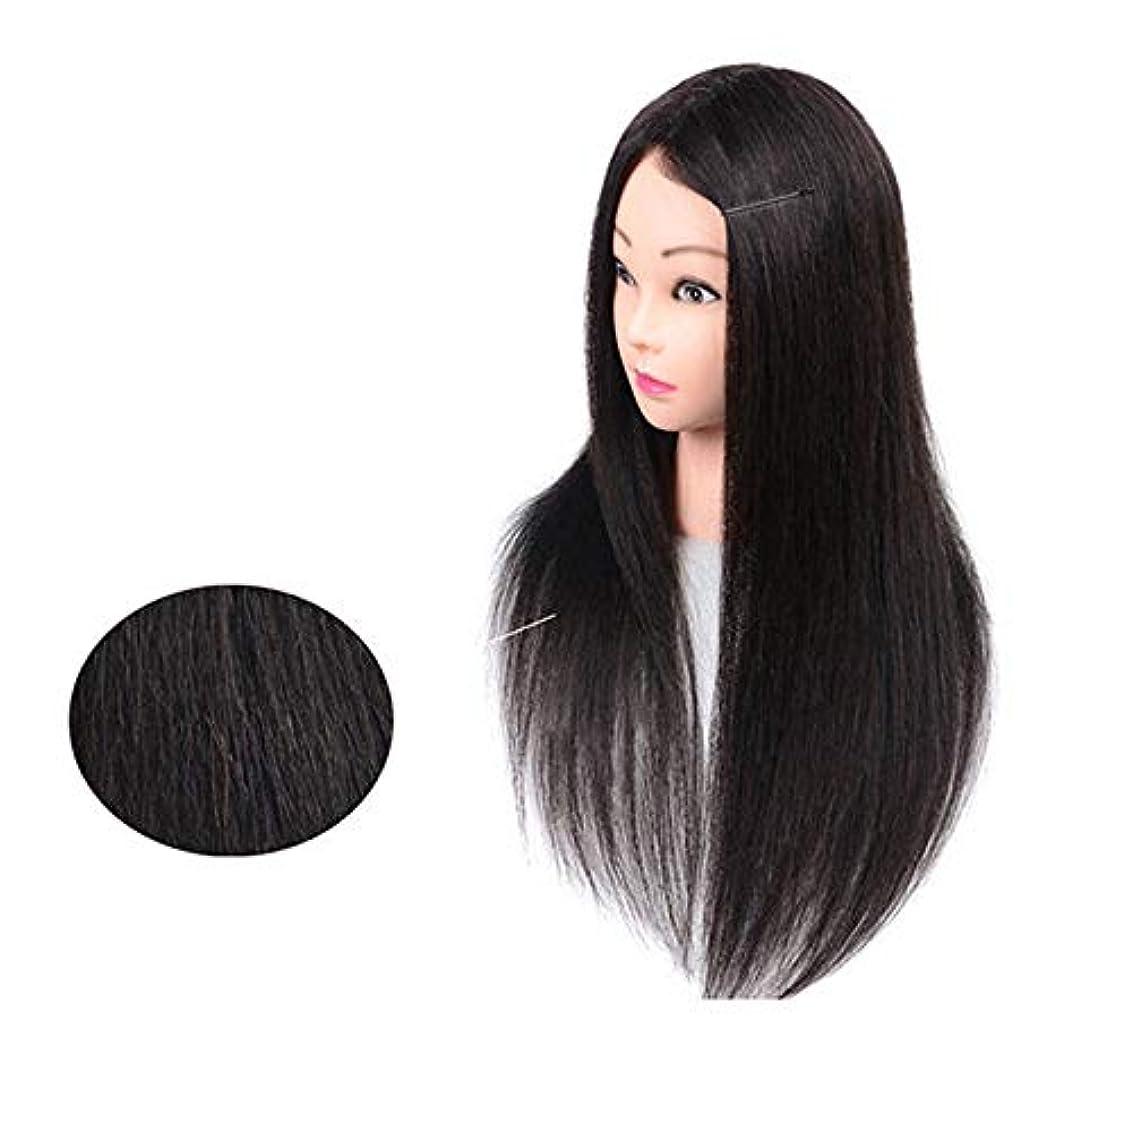 誤教えパスポートウイッグ マネキンヘッド クランプ実践サロンでは80%の人間の髪マネキン頭部イエローナチュラルカラー 練習用 (色 : ブラック, サイズ : 60cm(hair length))